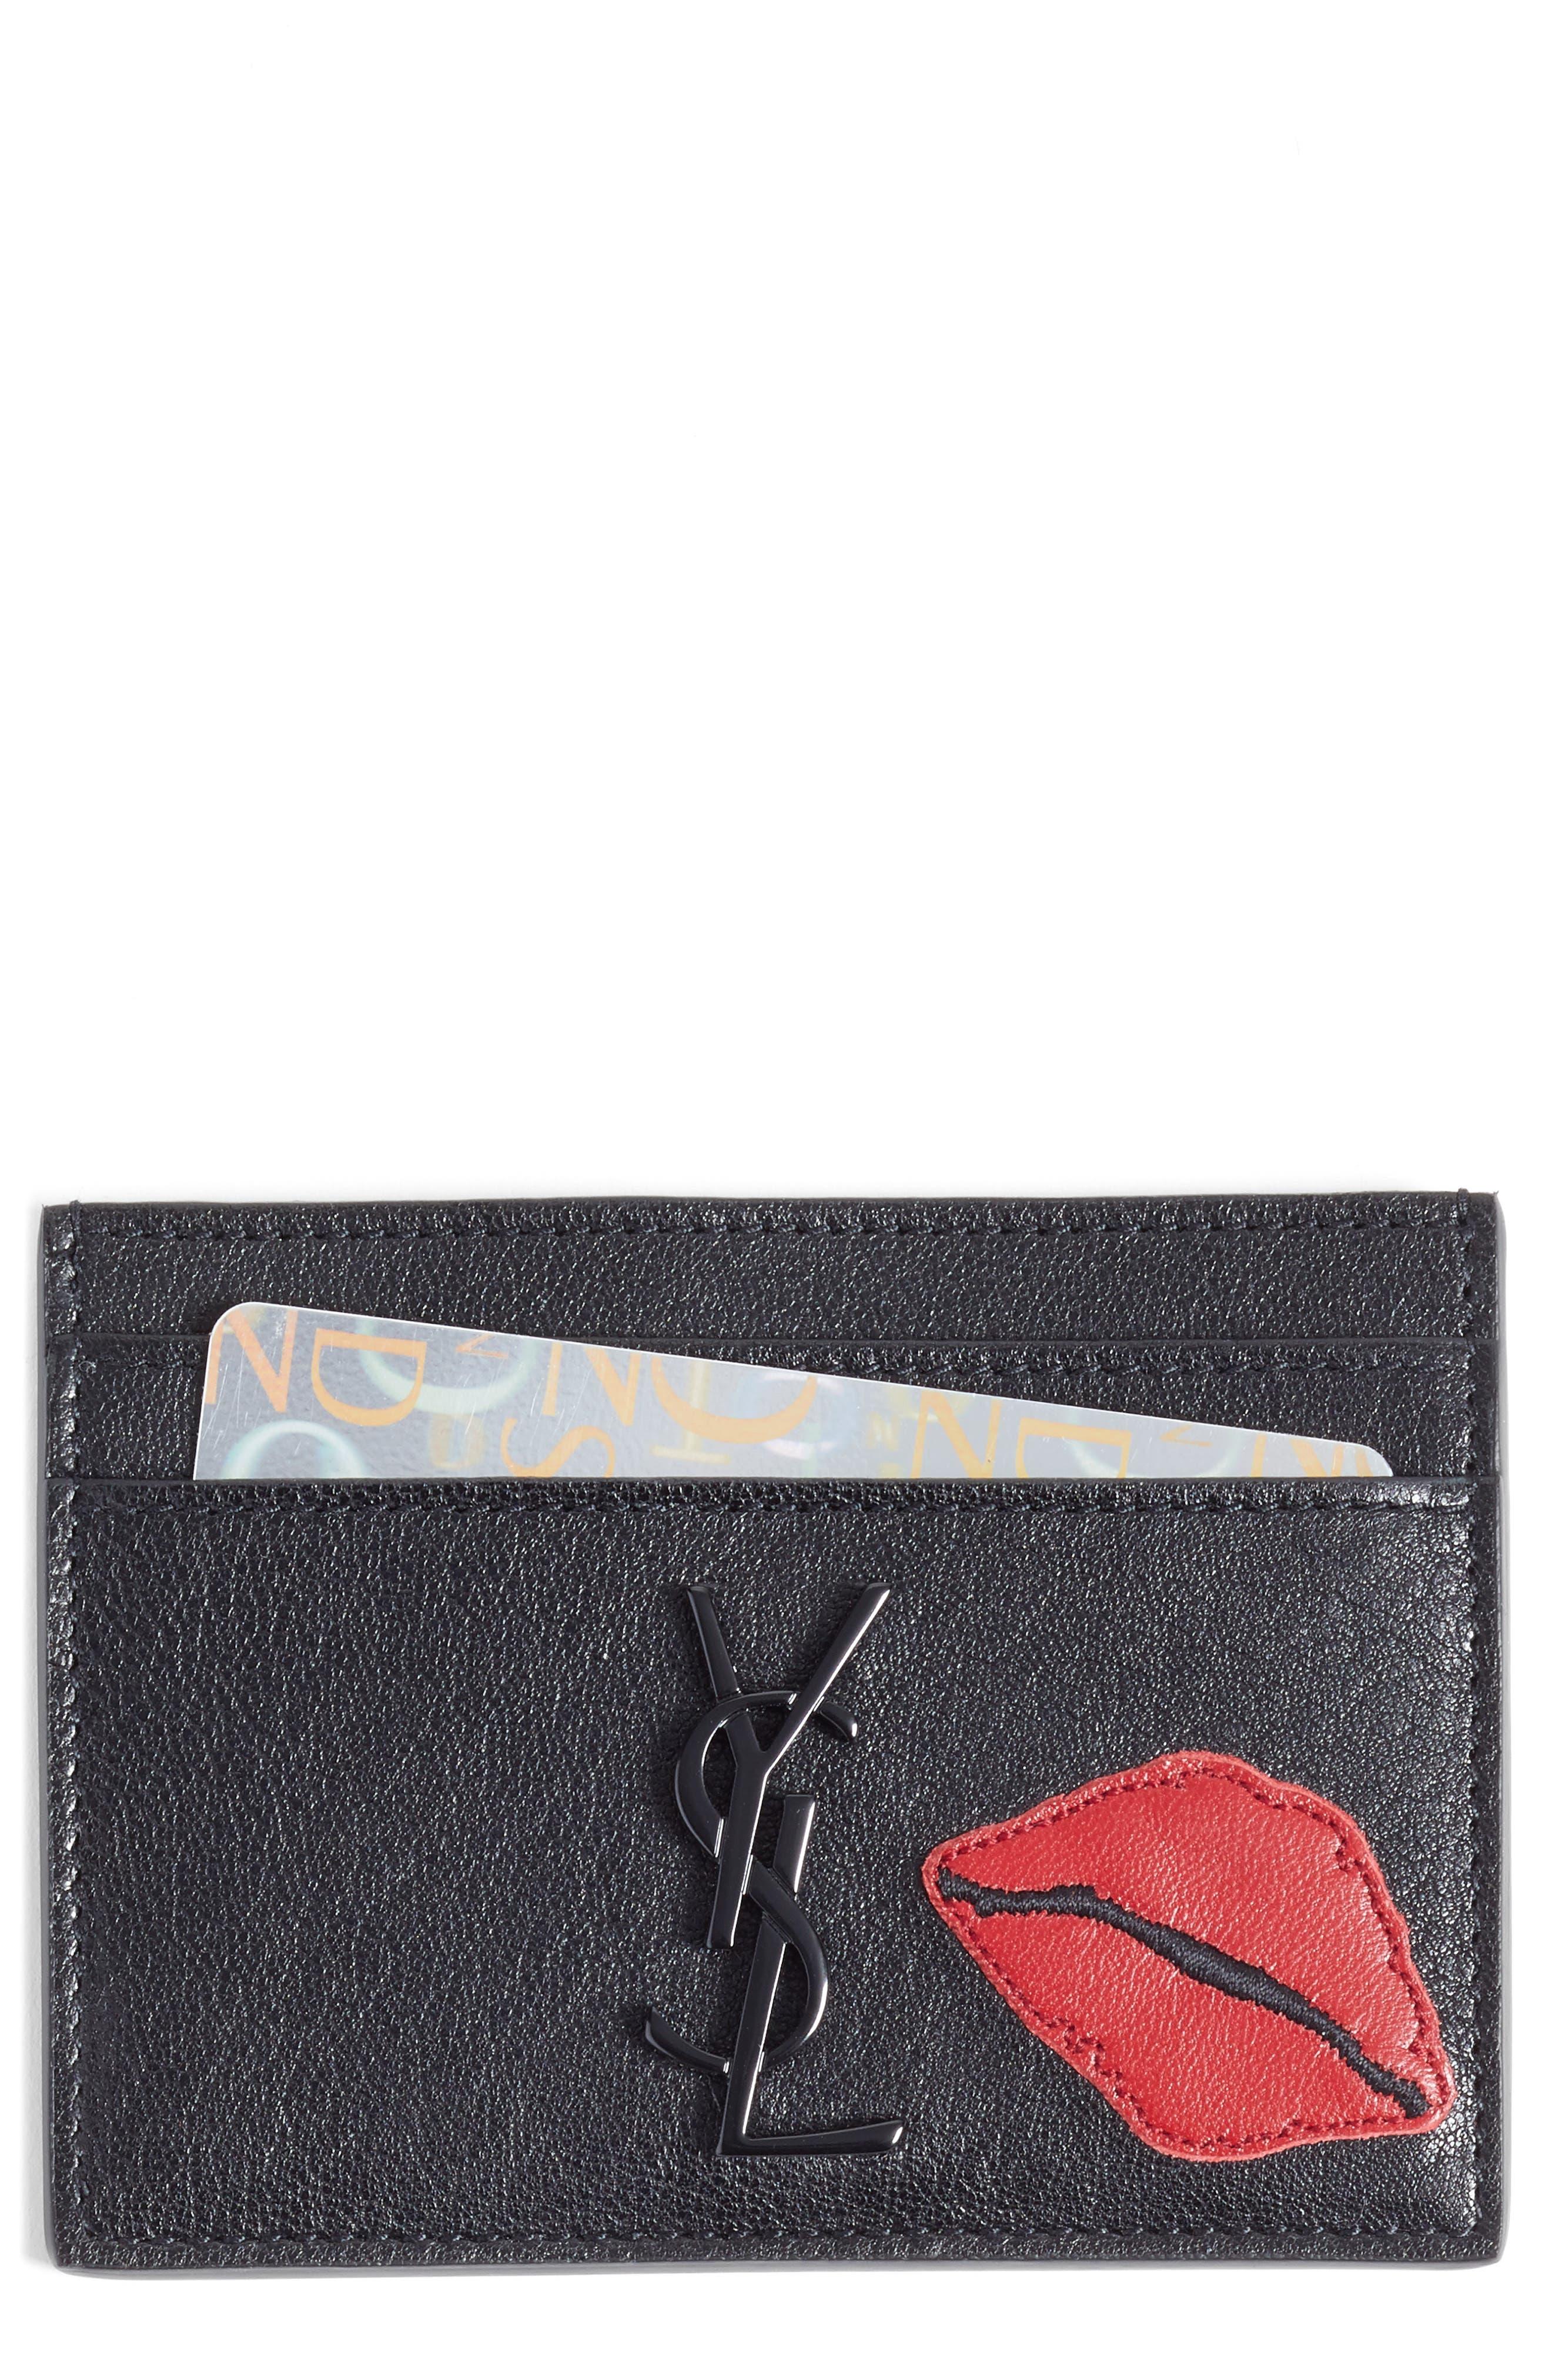 SAINT LAURENT Appliqué Lips Leather Card Holder